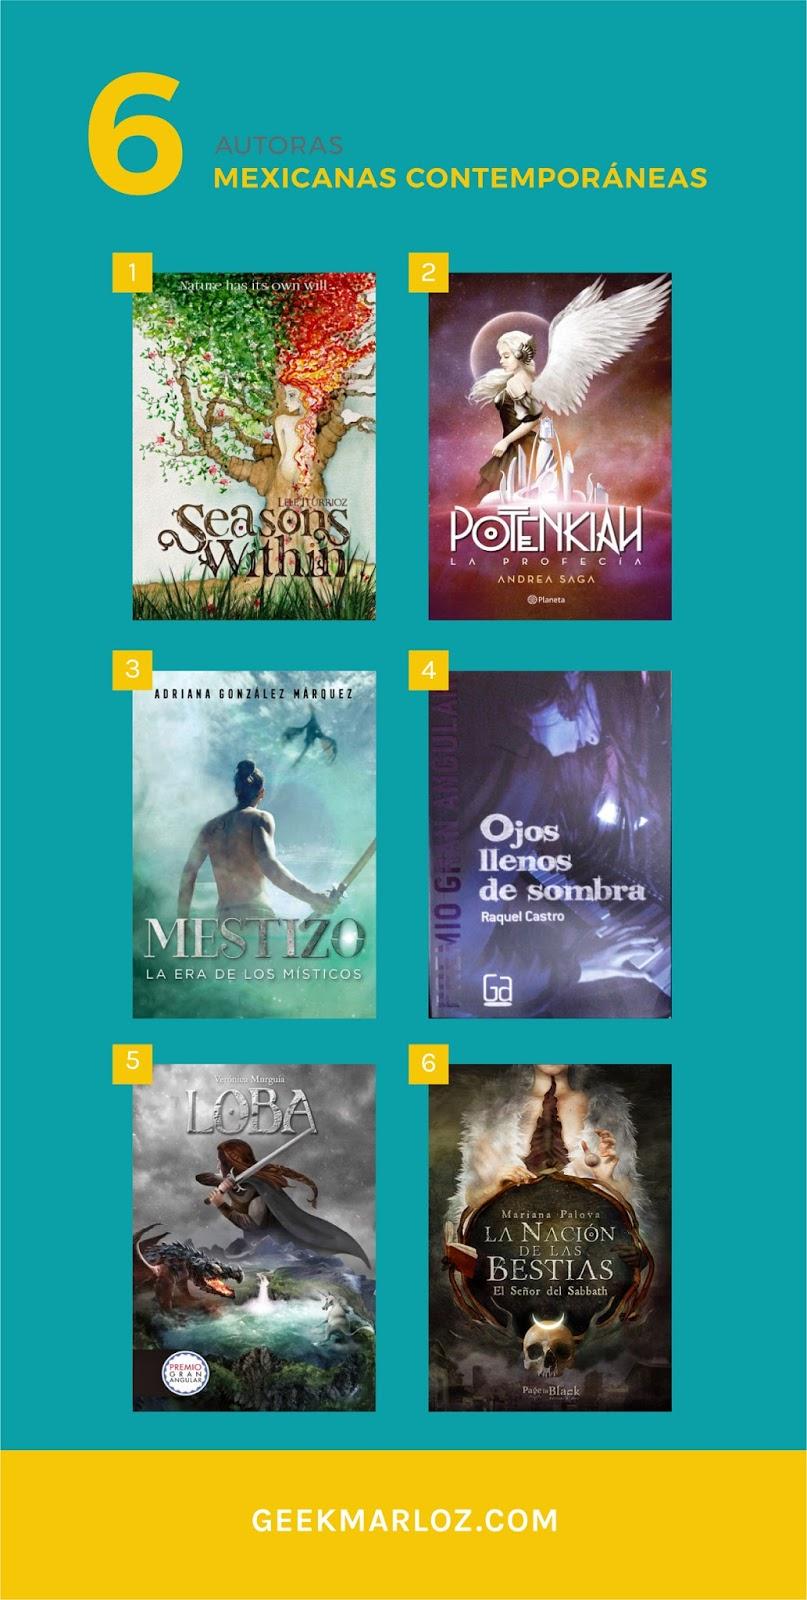 GeekMarloz| 6 escritoras mexicanas contemporáneas que debes conocer